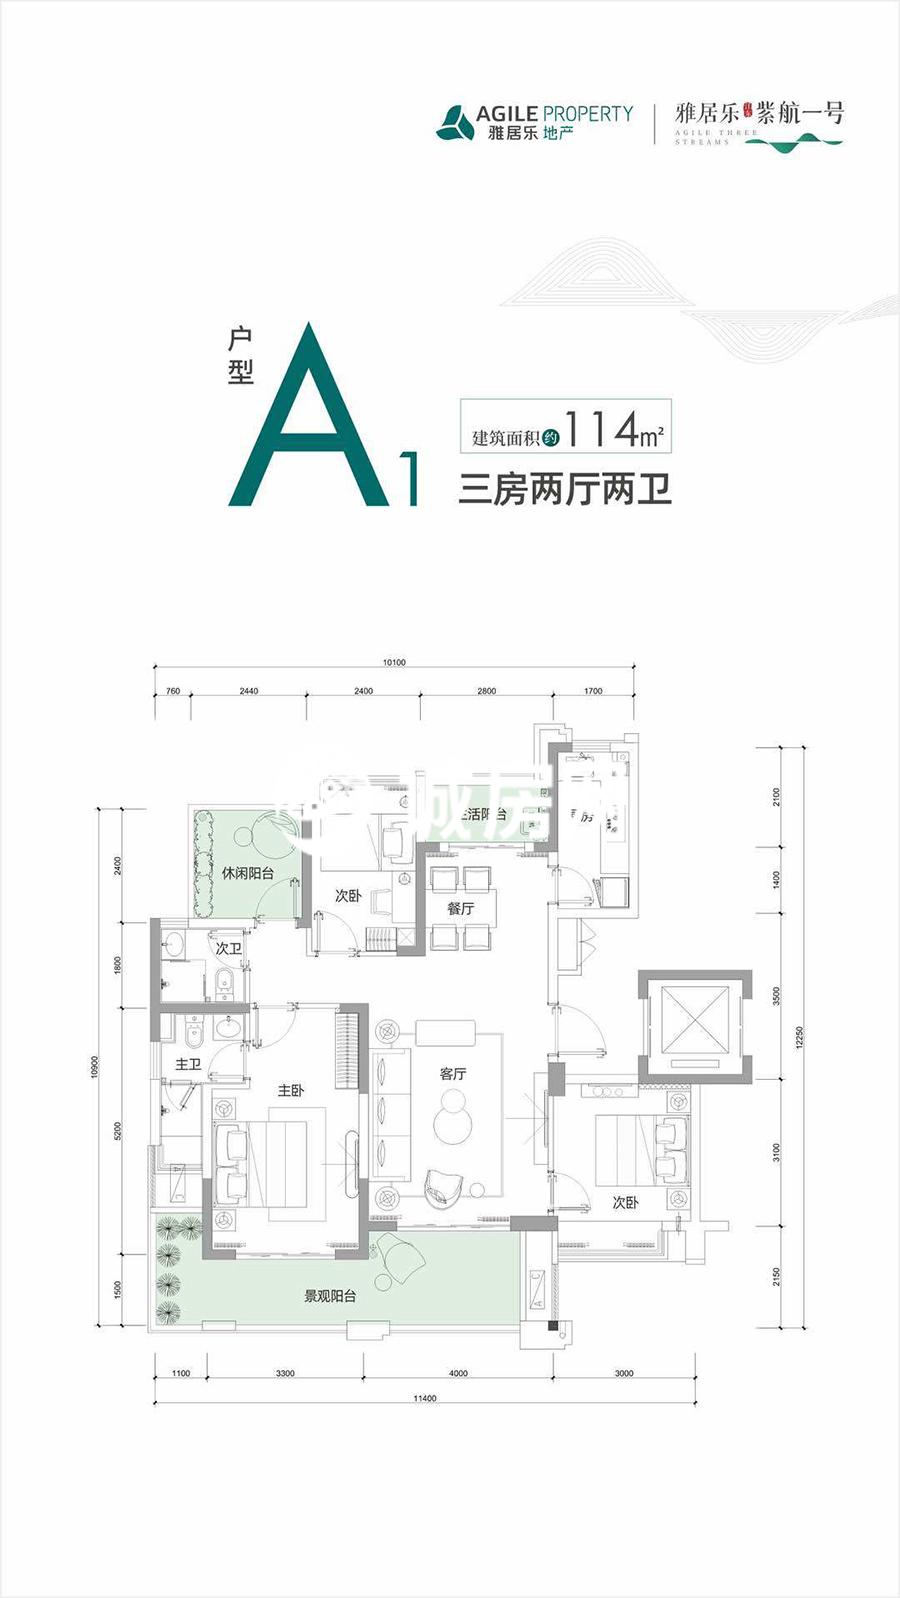 雅居樂江東紫航一號3室2廳2衛